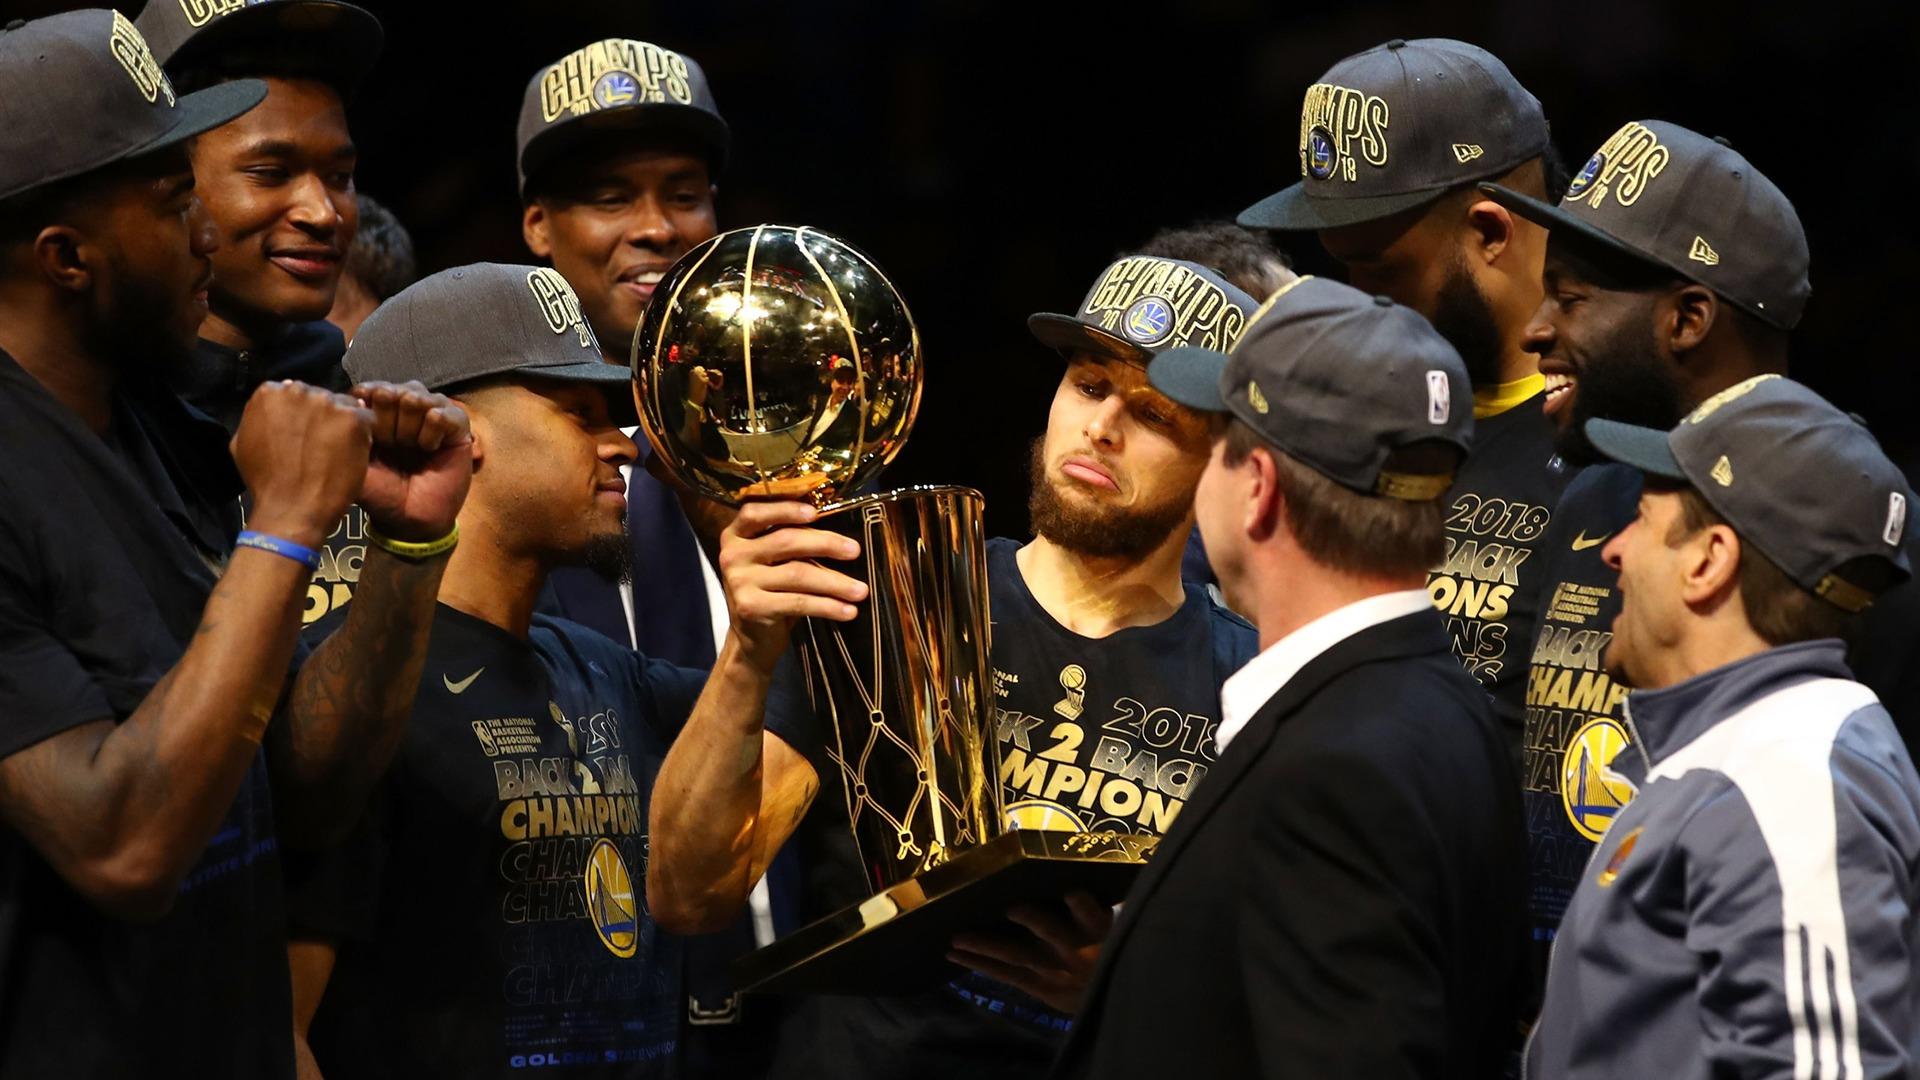 伦敦奥运会足球冠军_2018年,NBA总决赛,金州勇士,冠军预览 | 10wallpaper.com